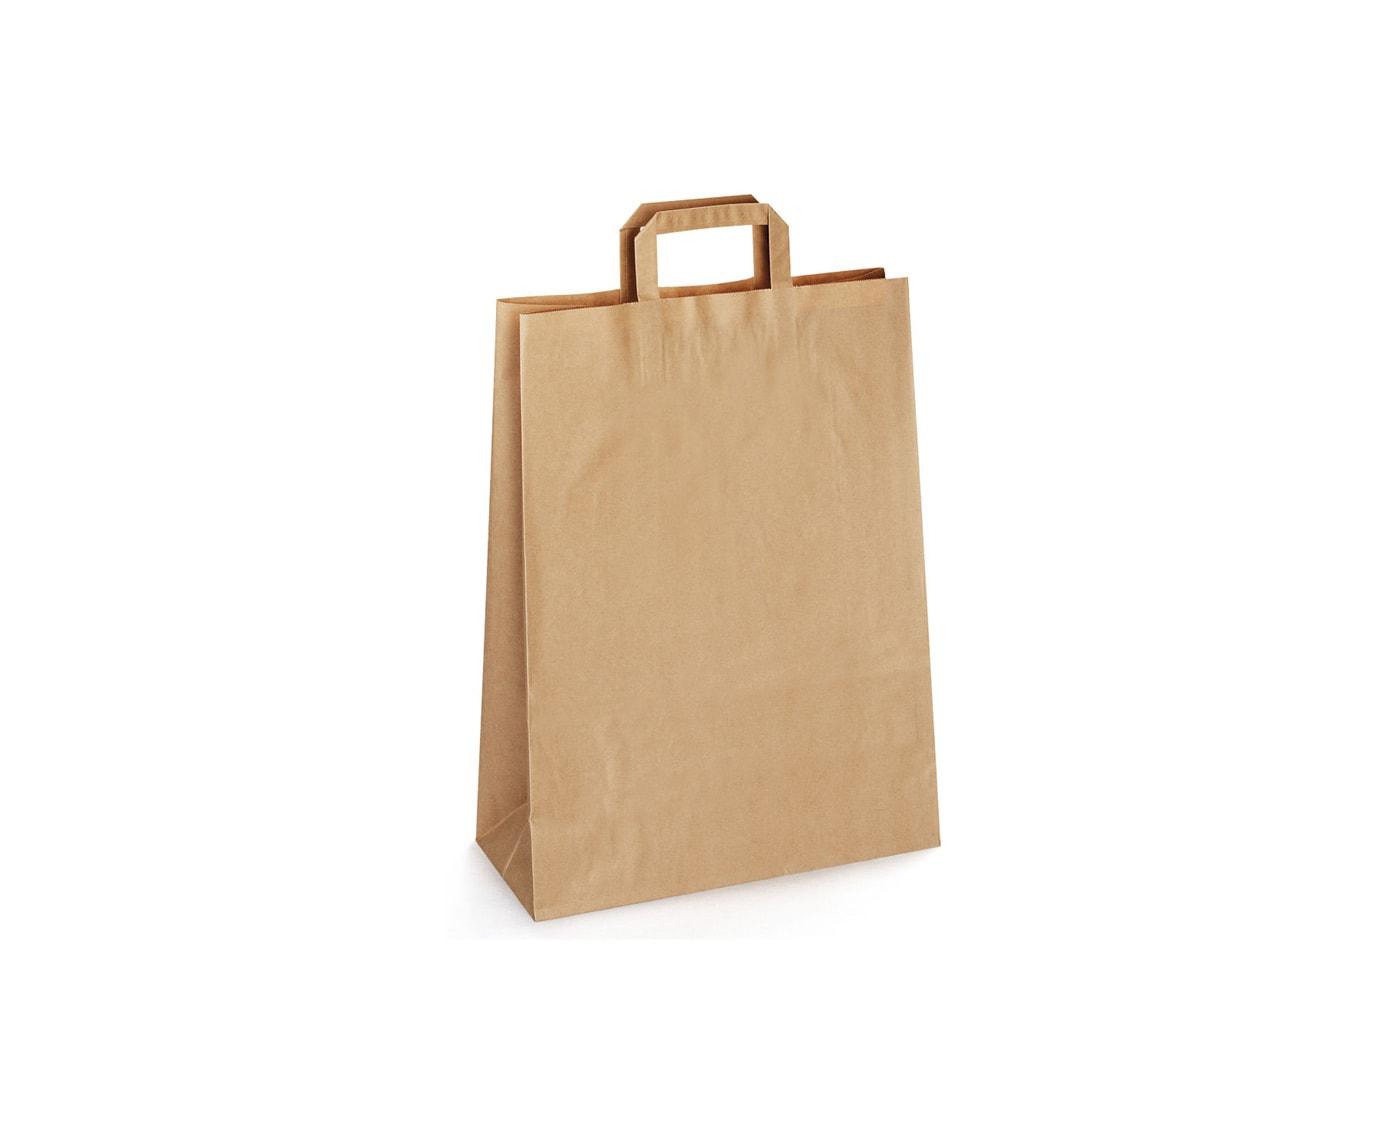 torba papierowa kraft z płaskim uchwytem